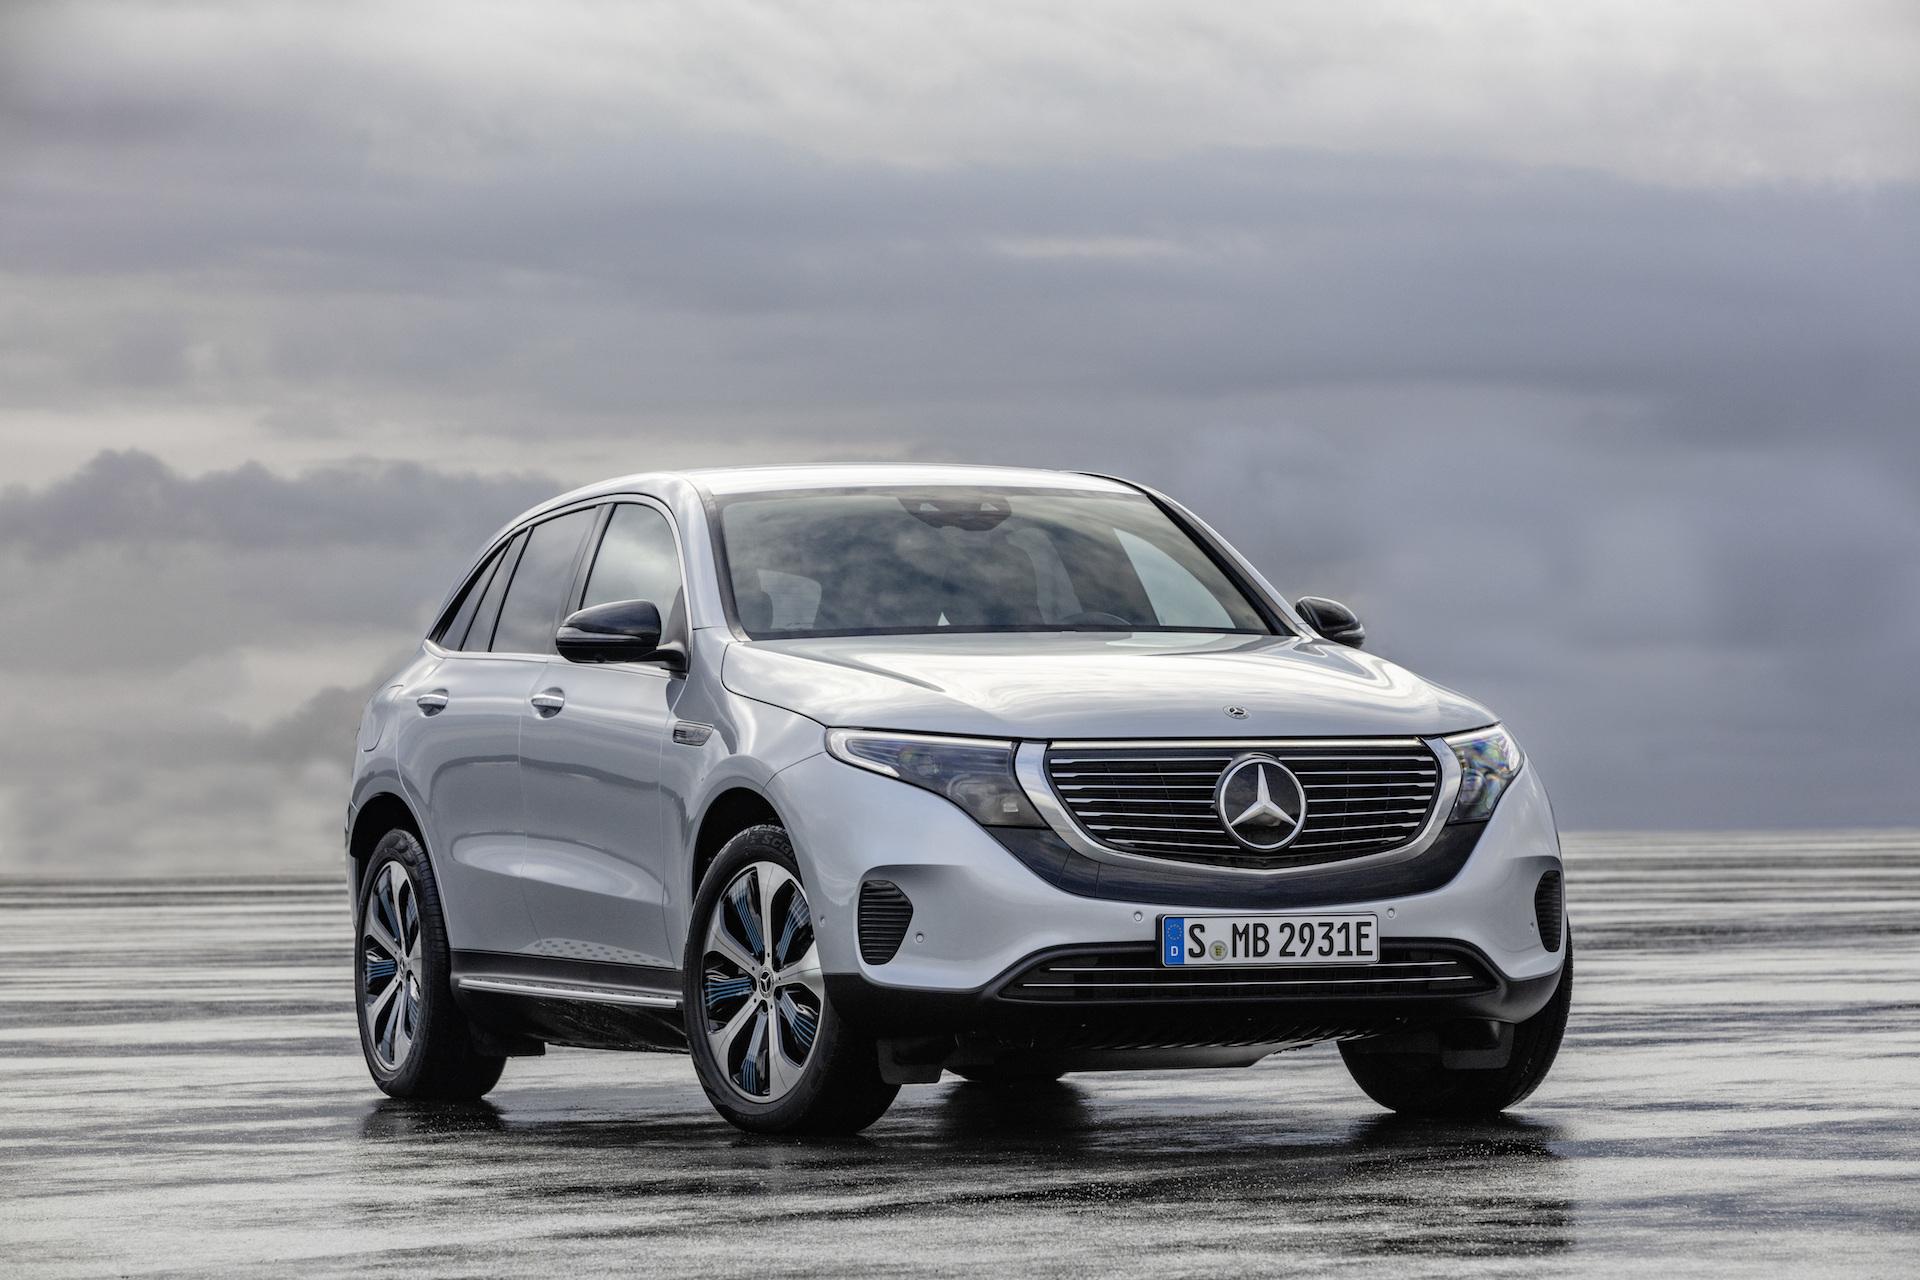 Der Neue Mercedes Benz Eqc: Der Mercedes Benz Unter Den Elektrofahrzeugen The New Mercedes Benz Eqc: The Mercedes Benz Among Electric Vehicles